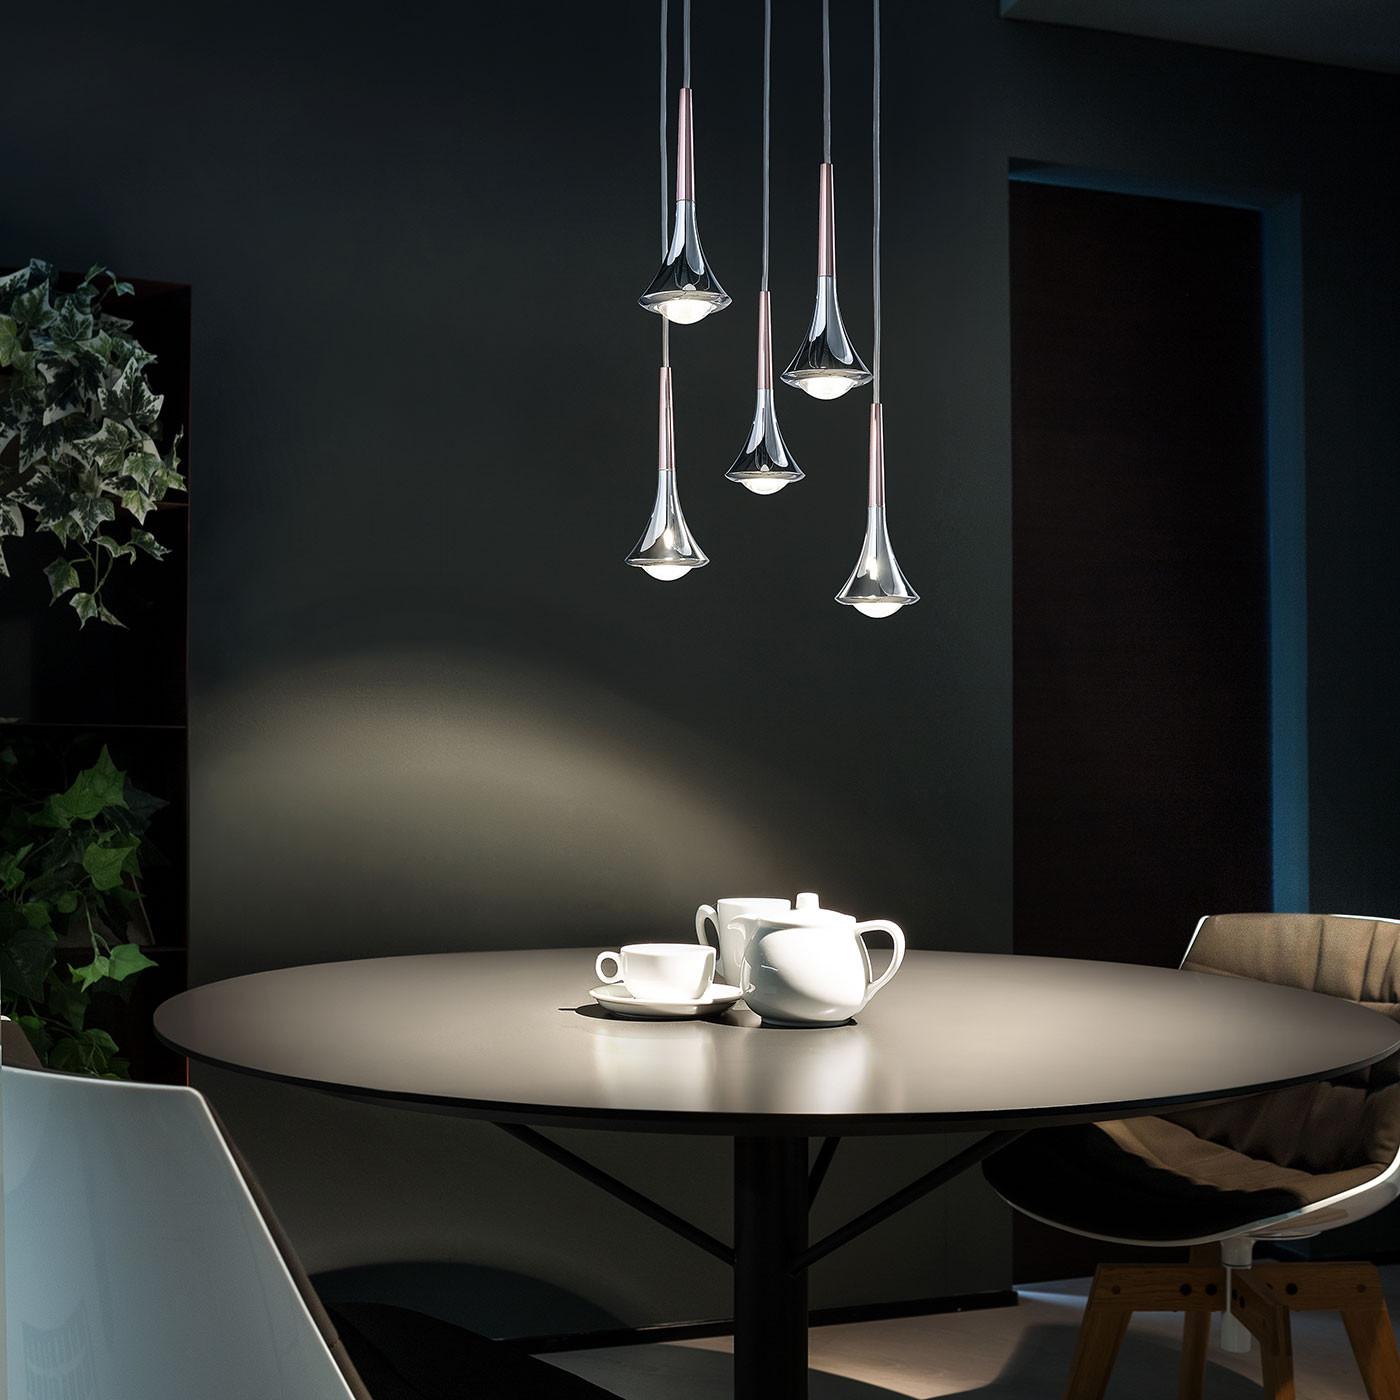 Studio Italia Design Rain 5 suspension